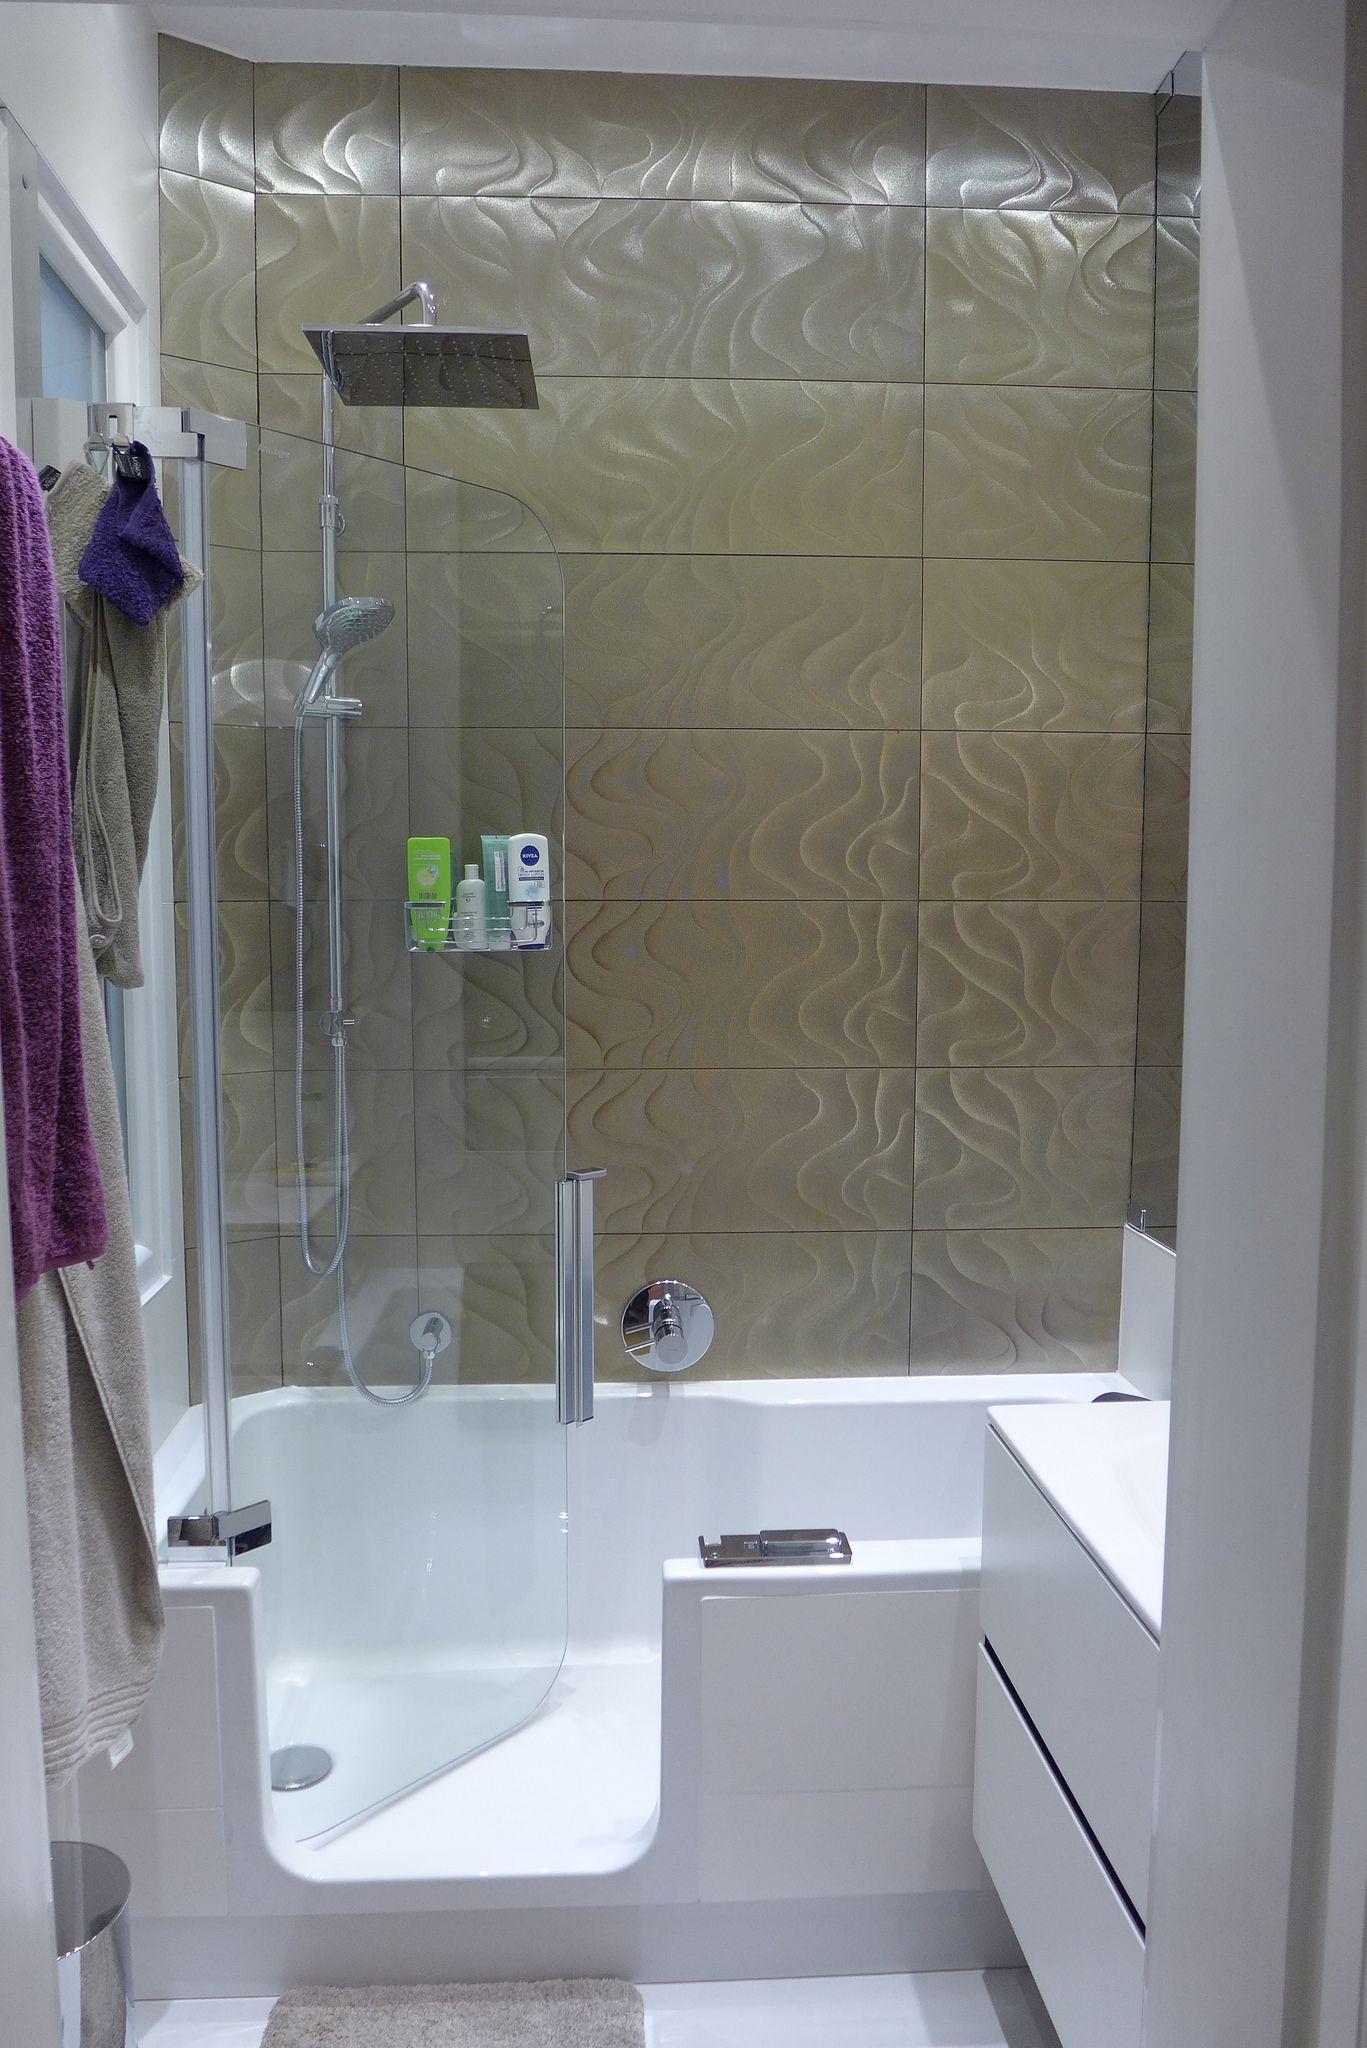 Artweger bad/douche met rainshower; vloerverwarming; rechts een ...